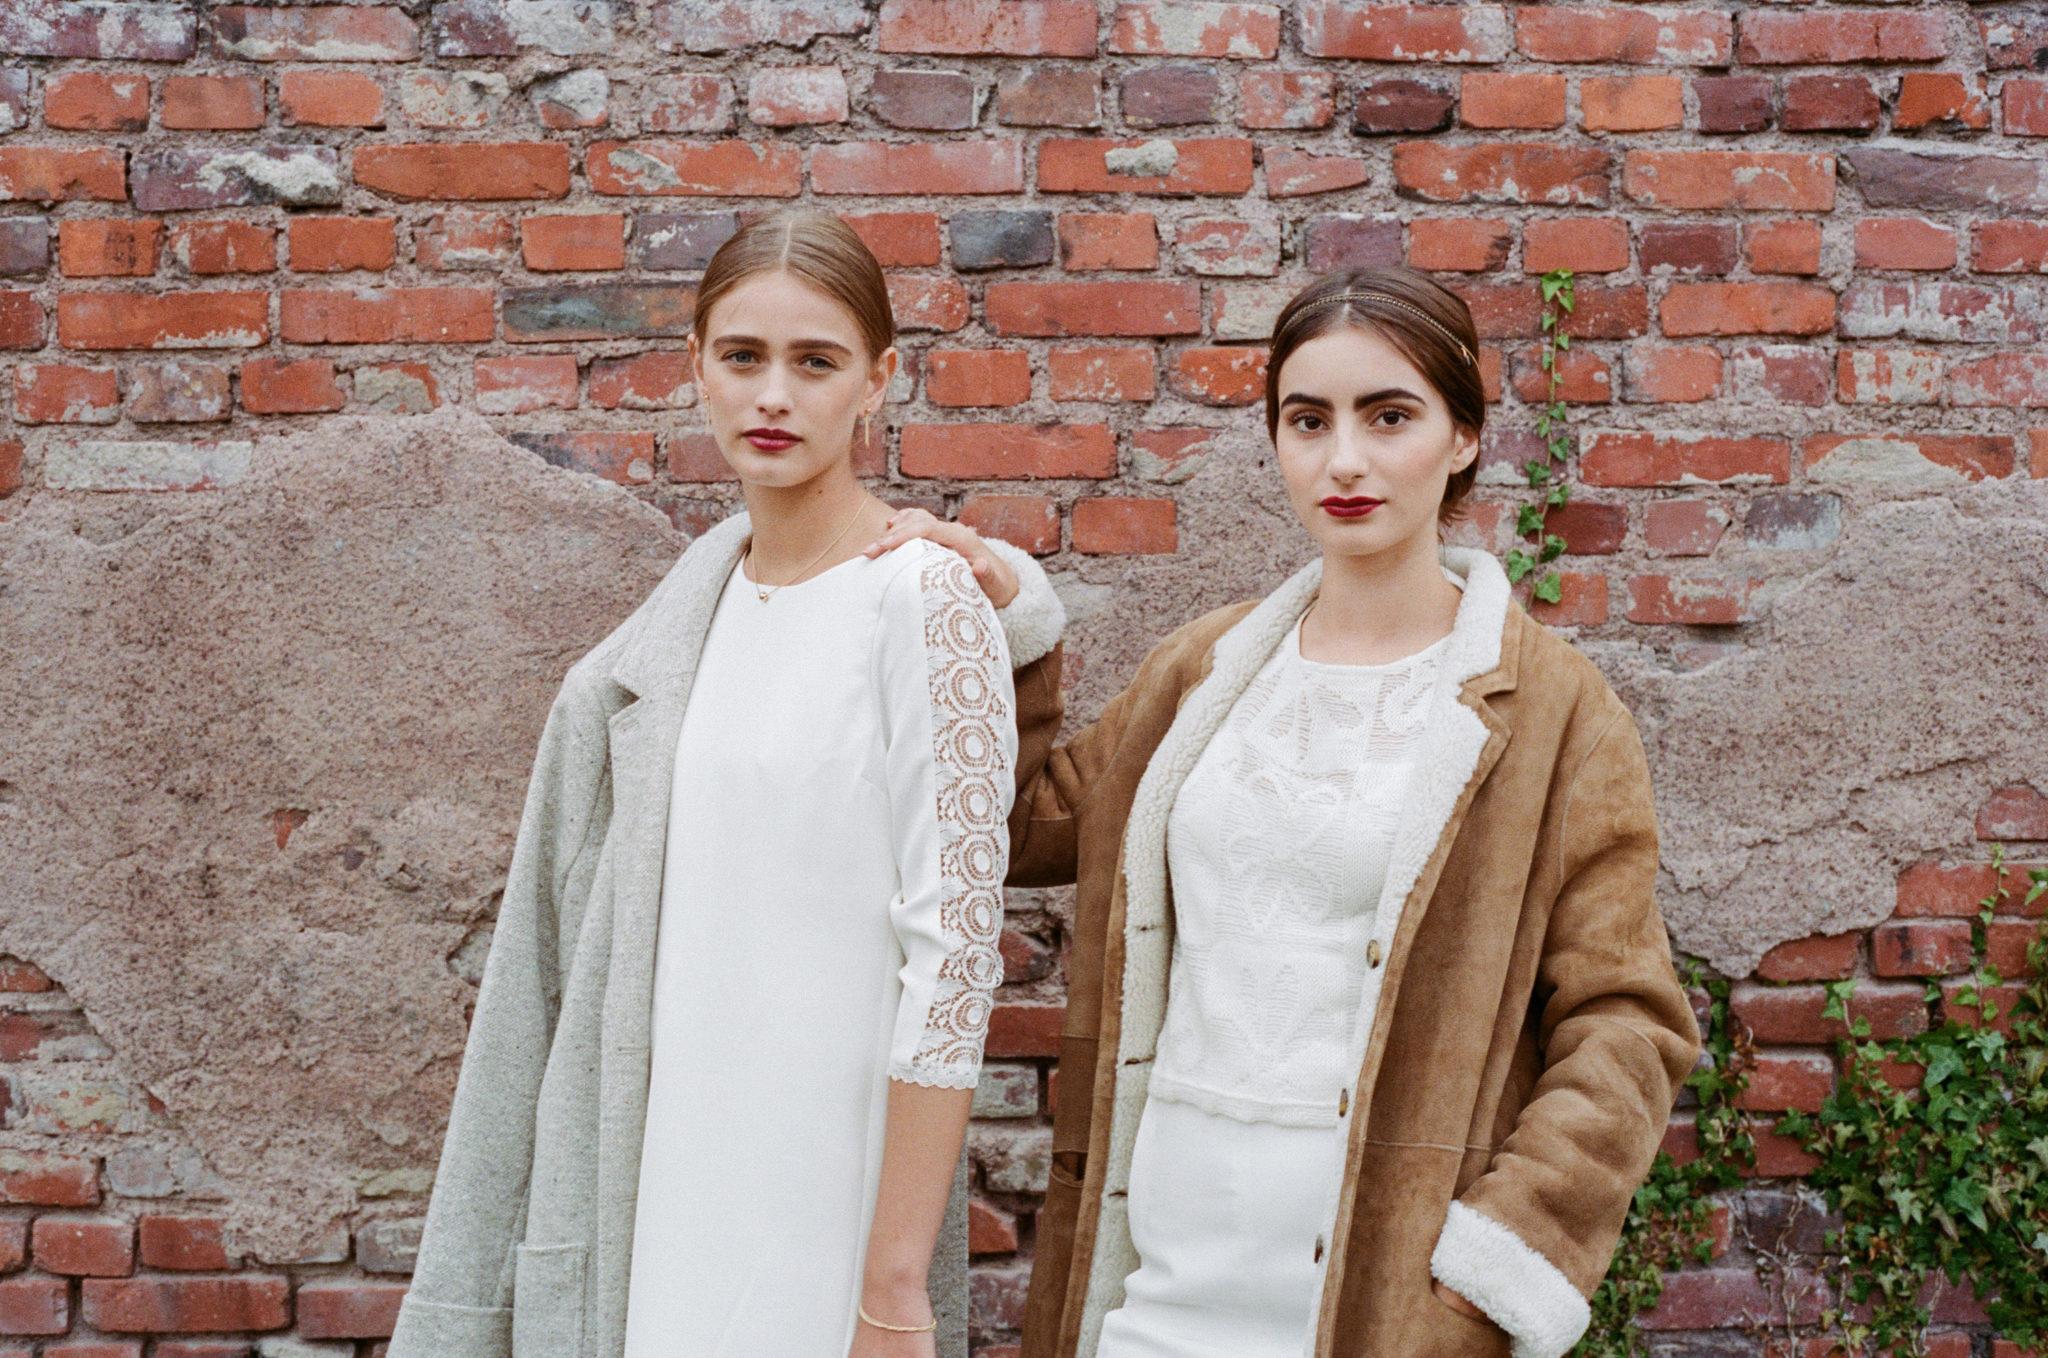 Le Wedding Urban Brides robe et top Claire Joly short Aurélia Hoang manteaux Swildens headband Alizzi CréaNon Presqu'île Caen